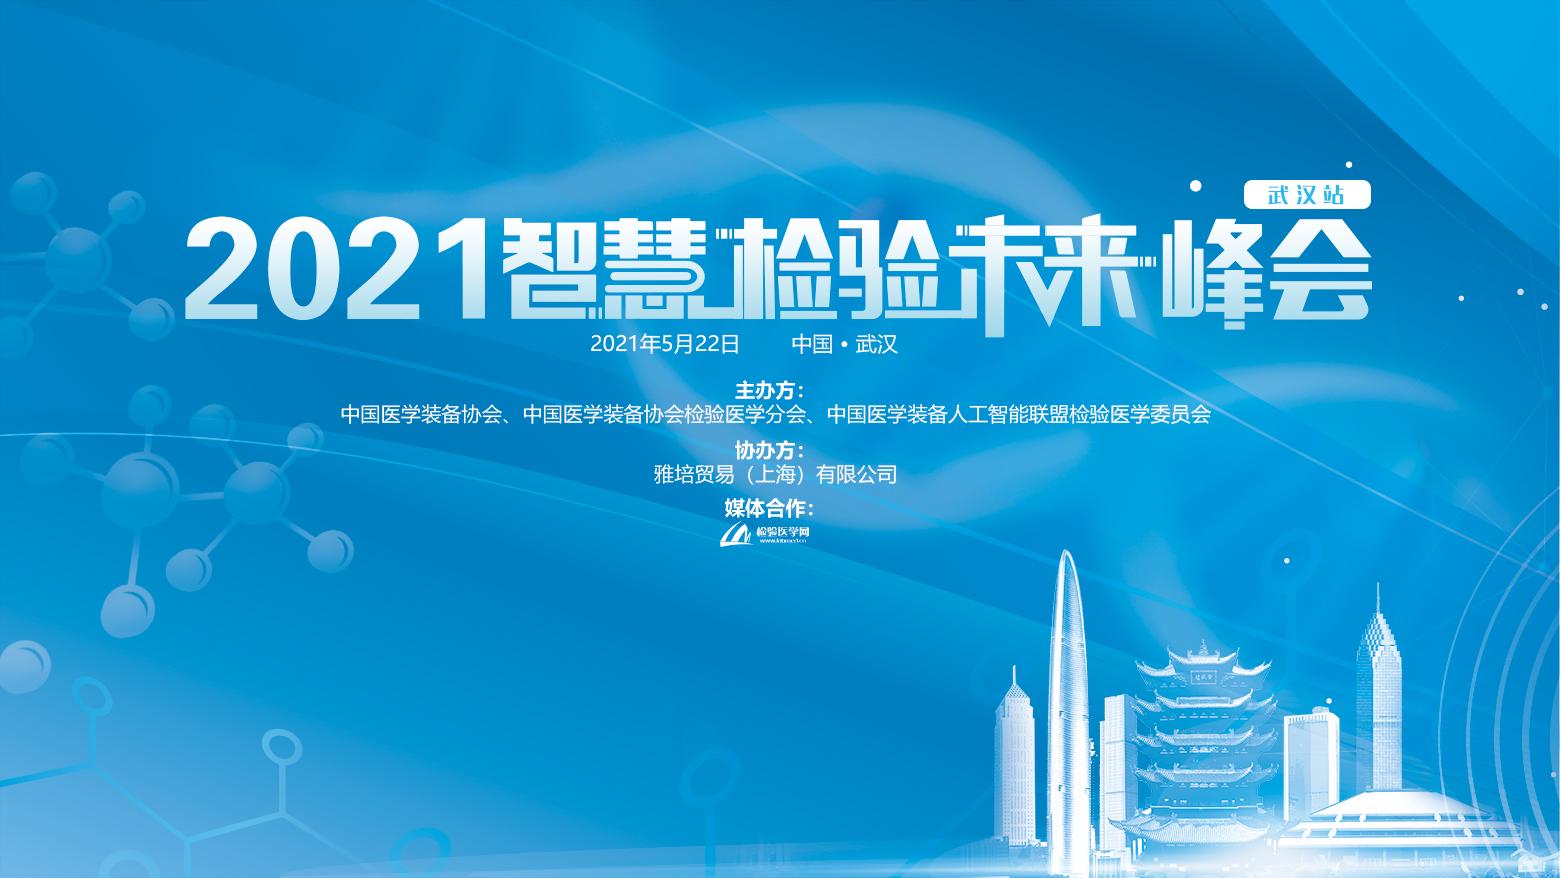 522武汉视频直播